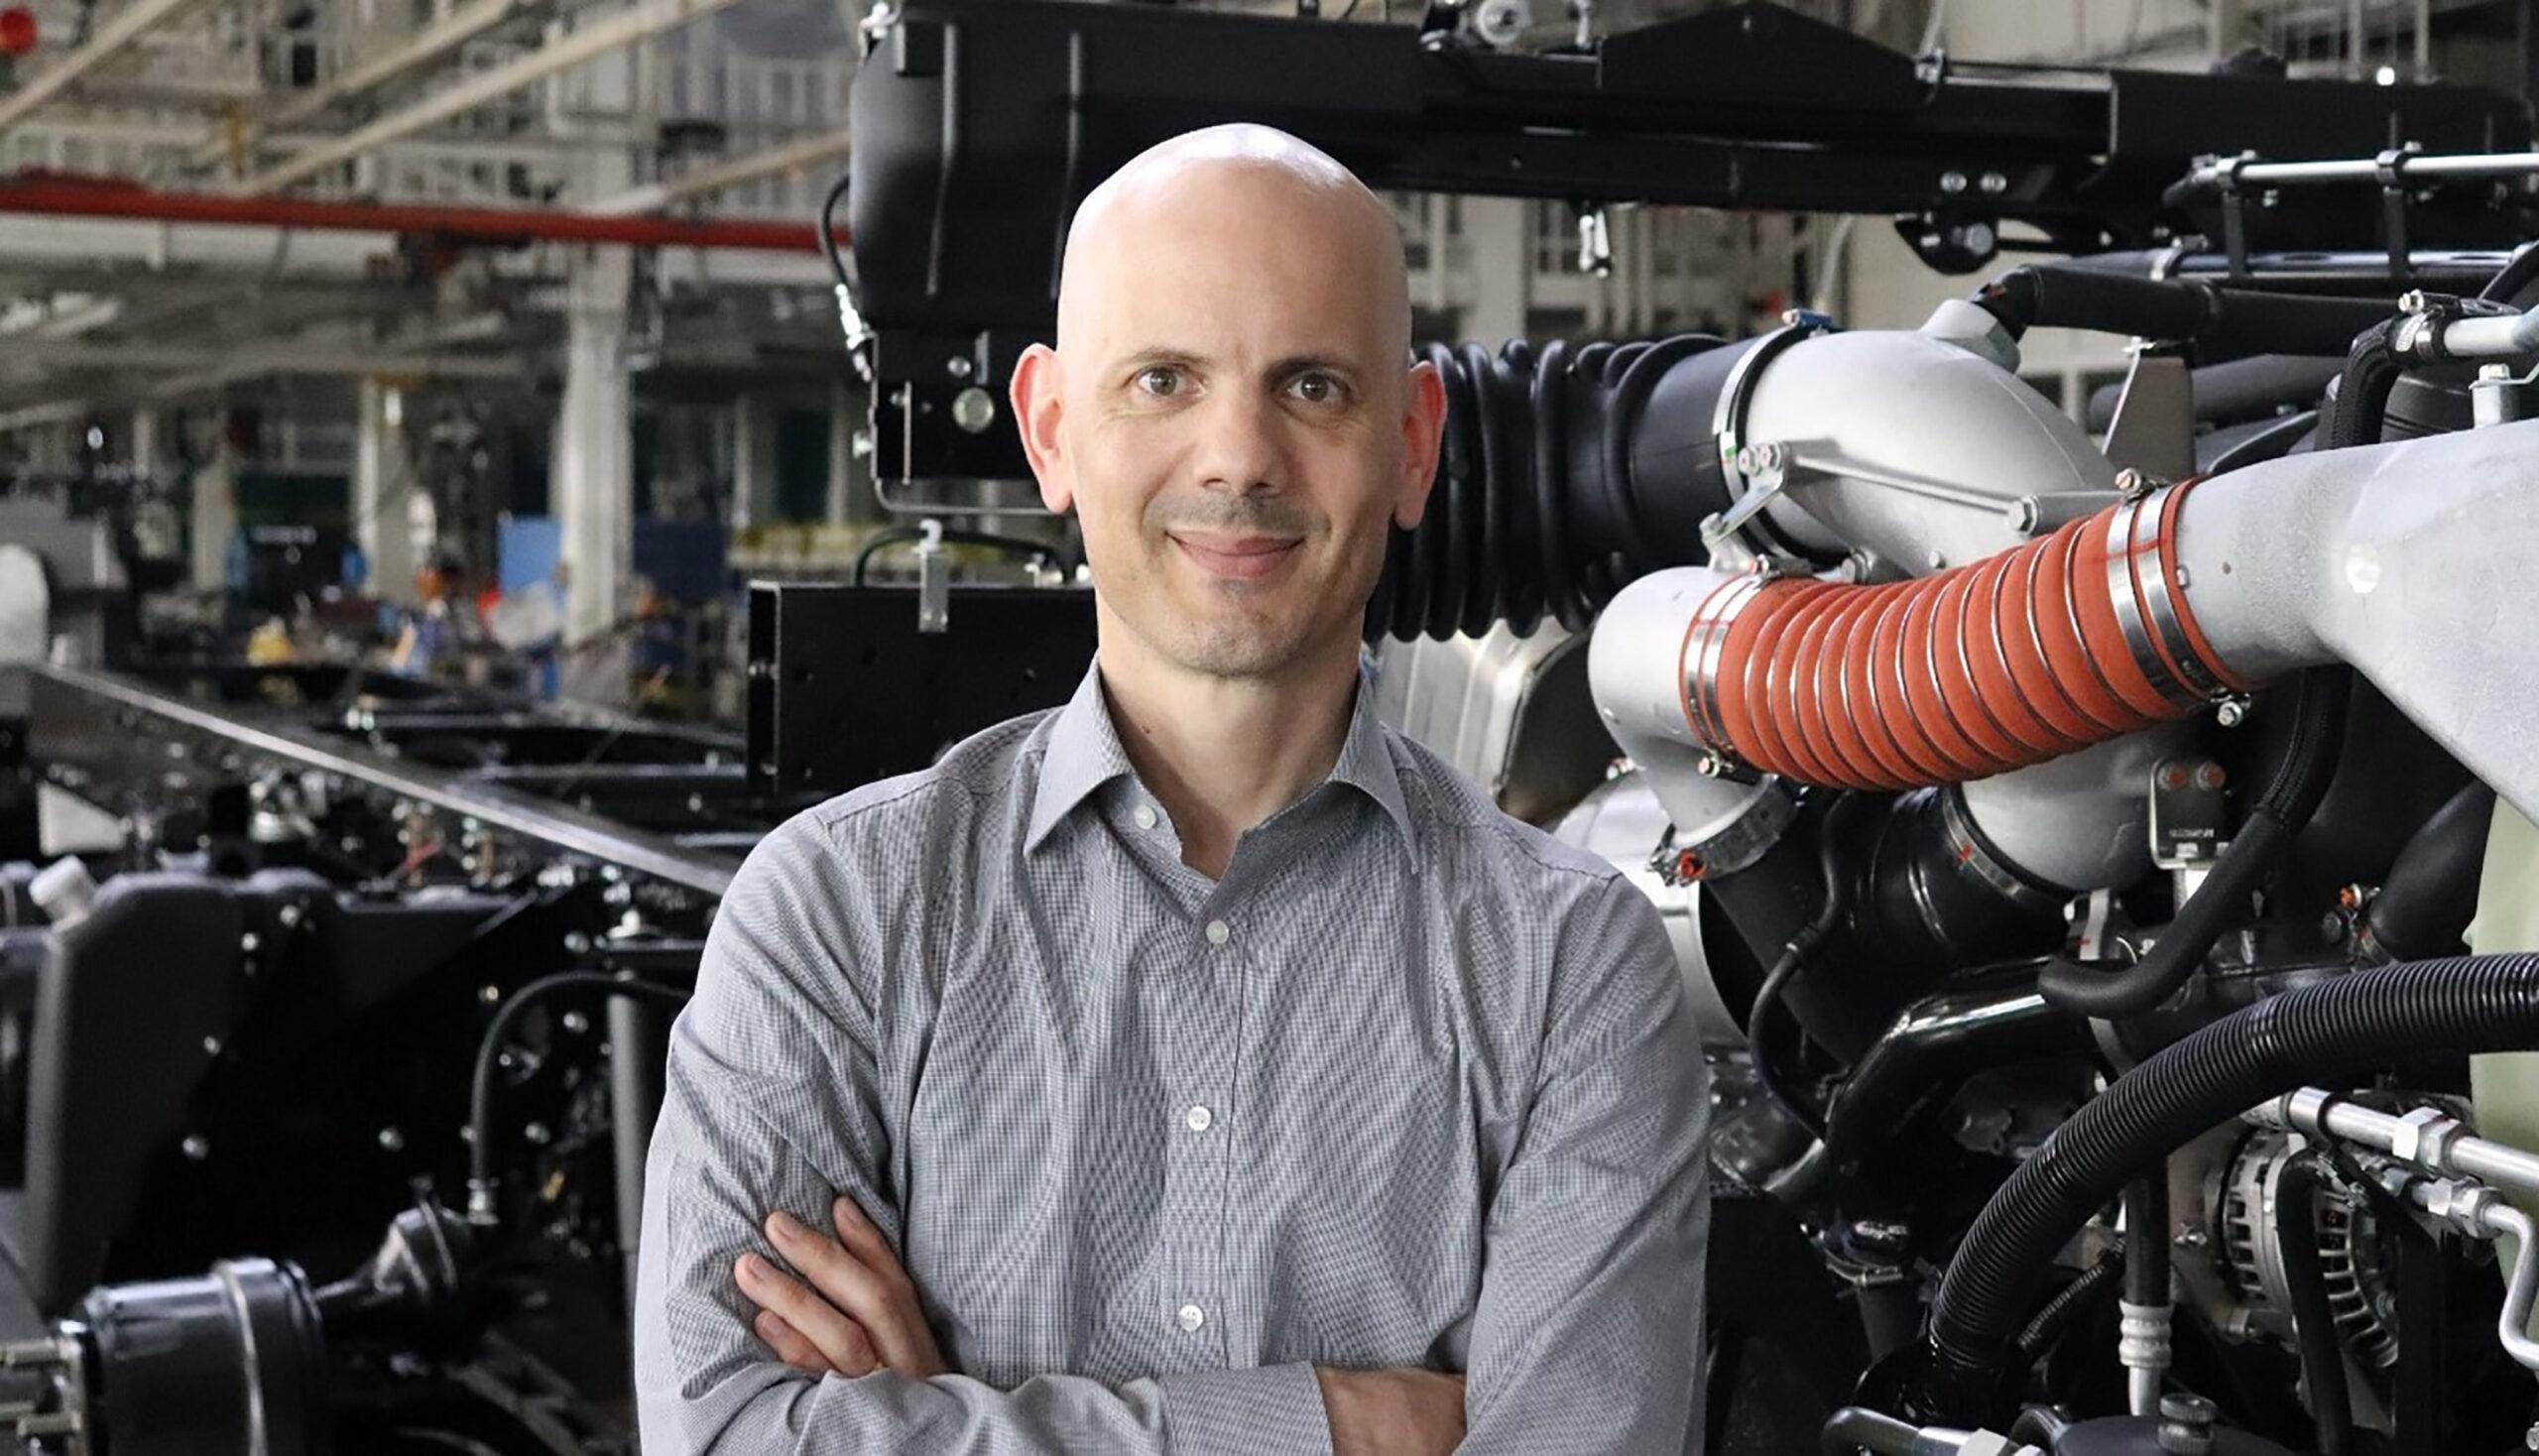 Sven Gräble, Head of Mercedes-Benz Trucks Operations